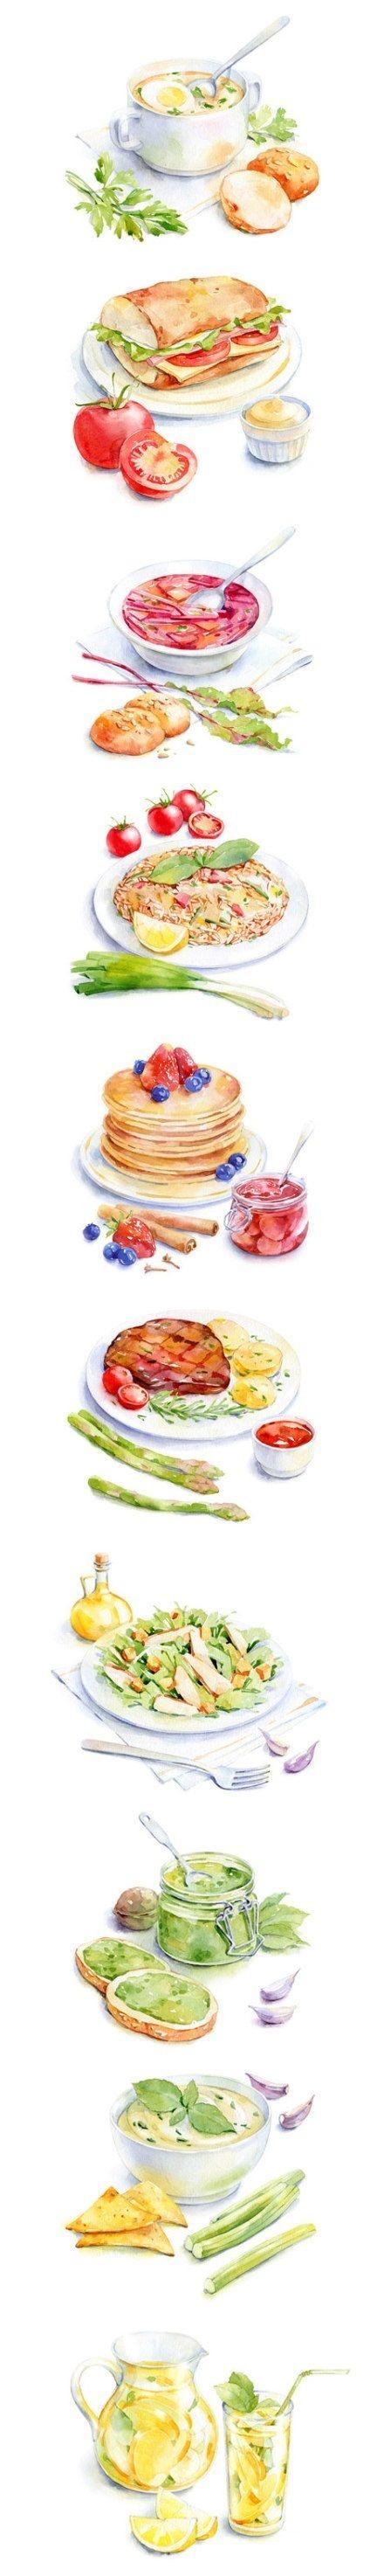 美食水彩画